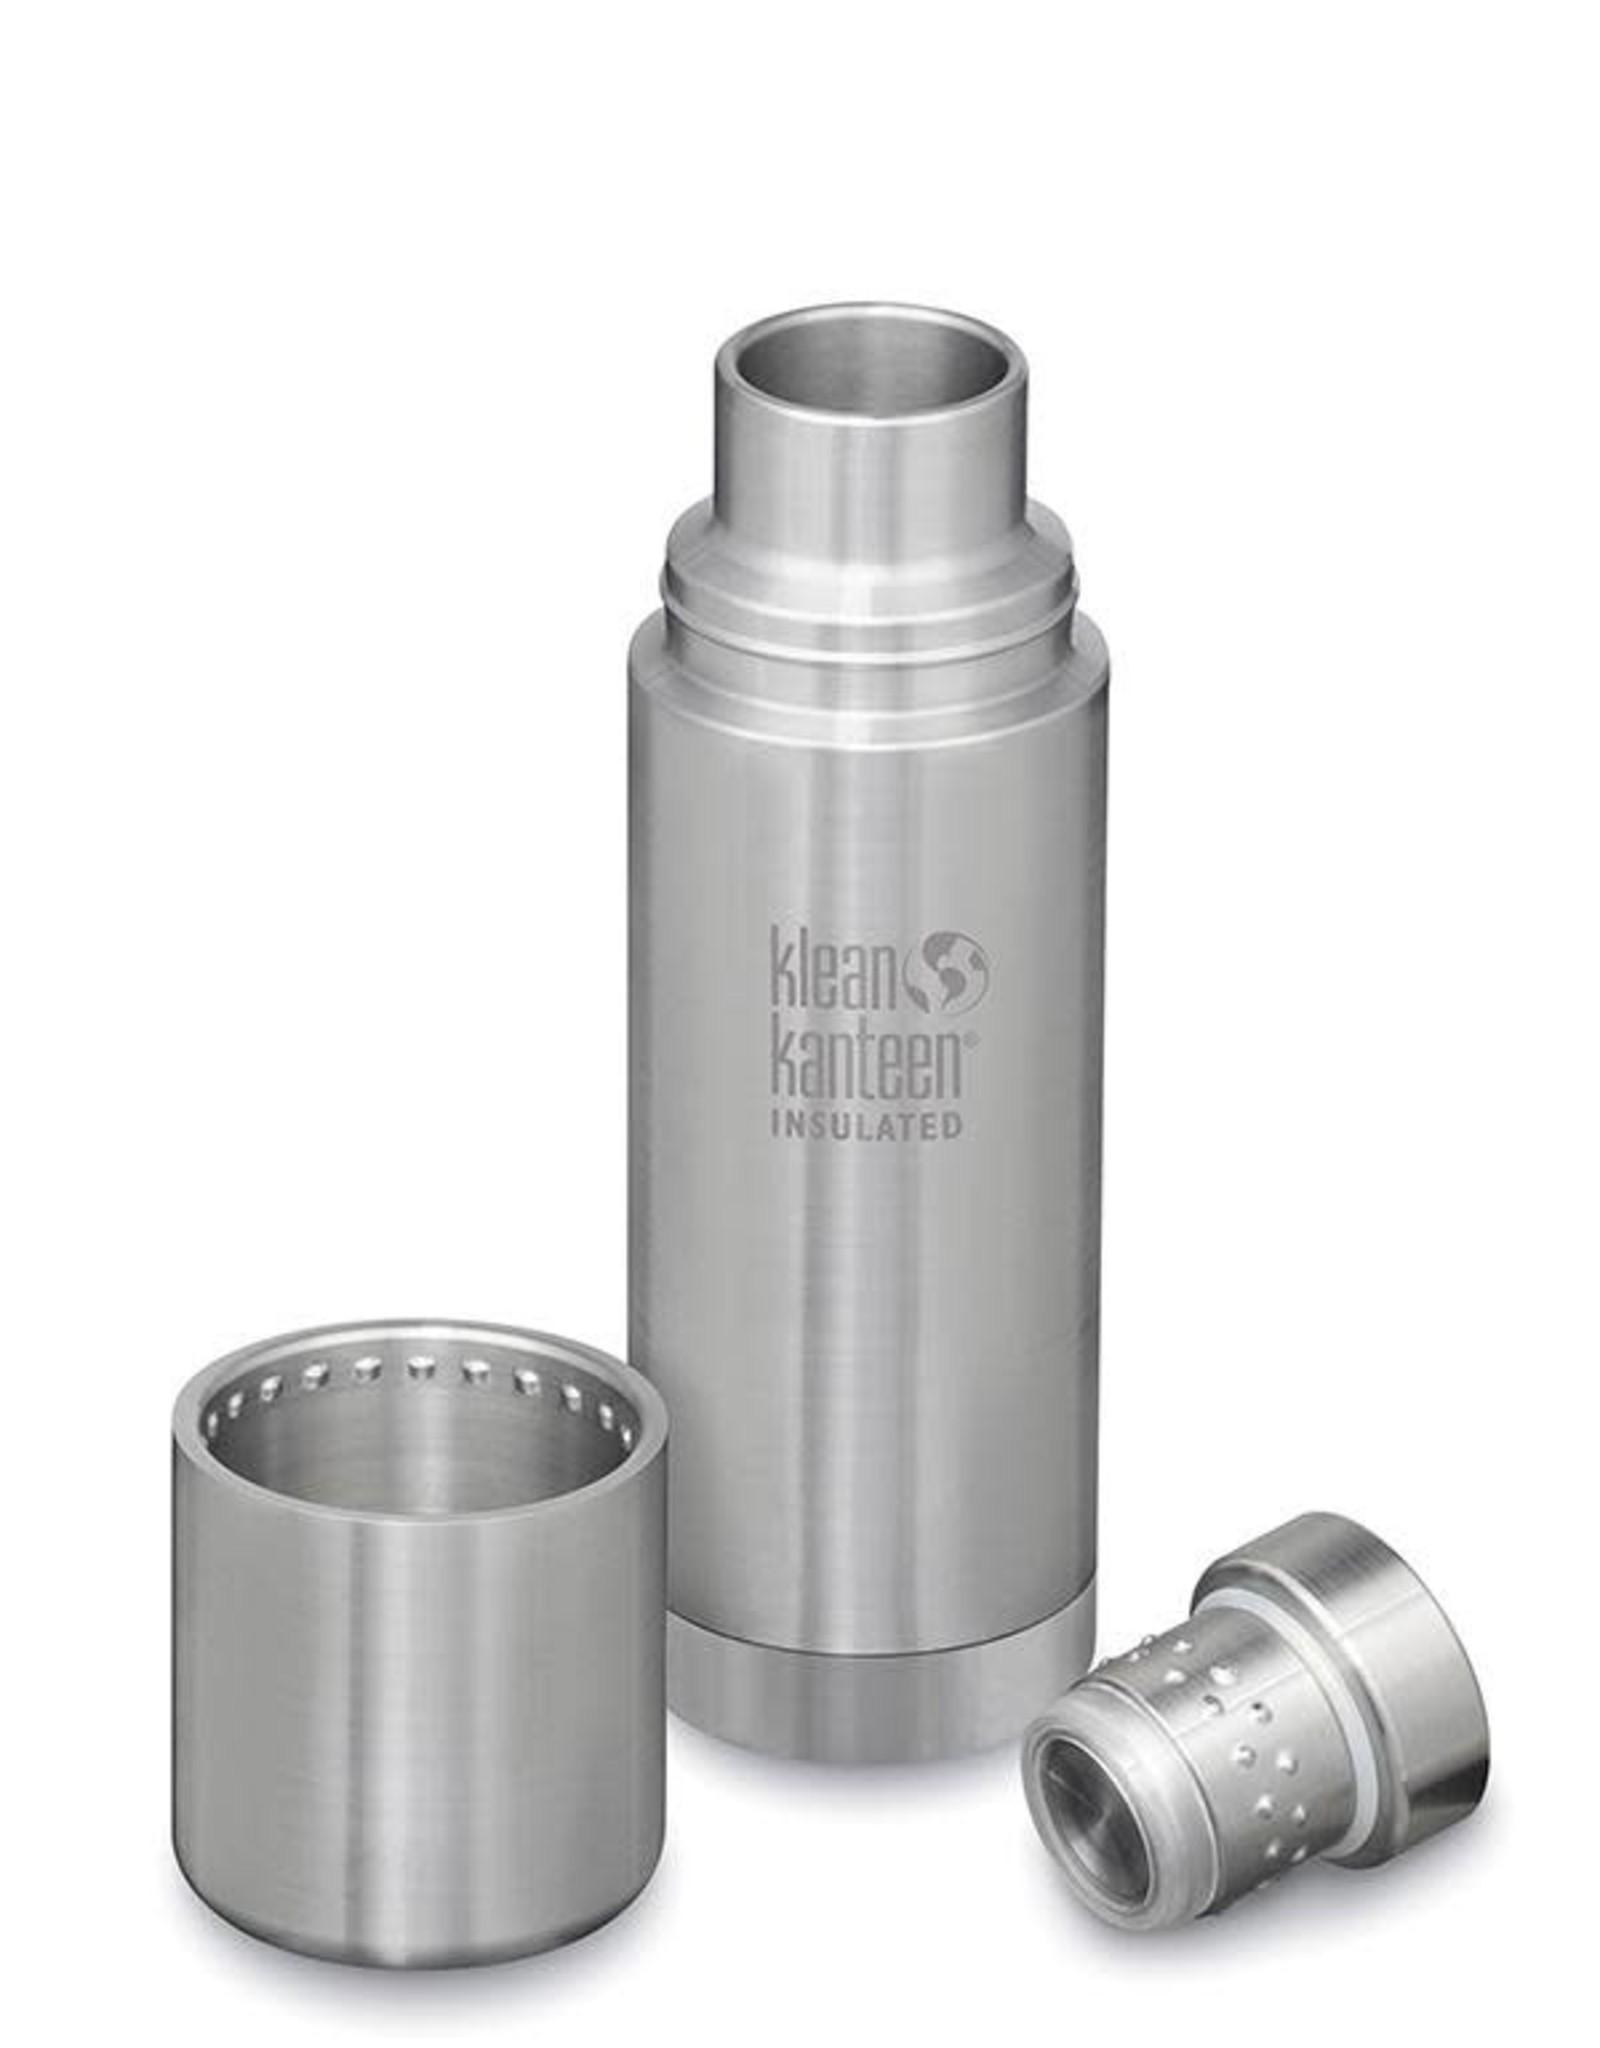 Klean Kanteen 1004915 TK Pro 0.5 L